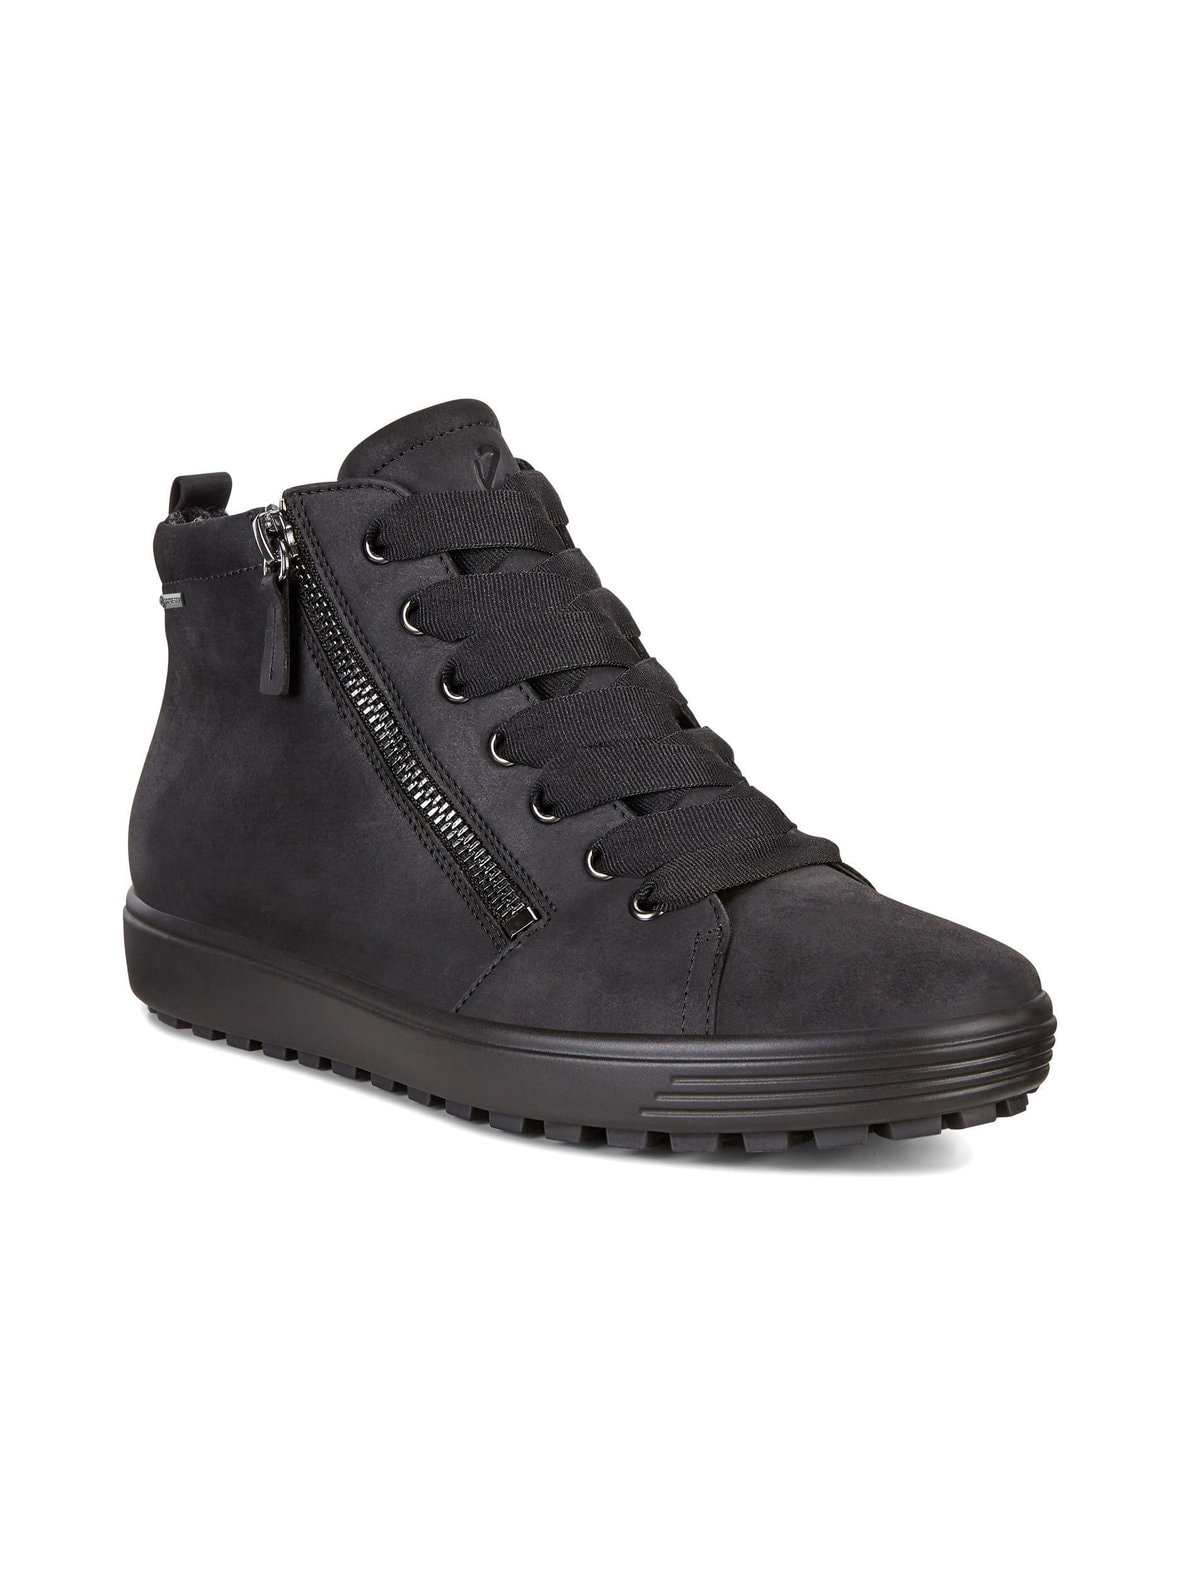 Black (musta) ecco Soft 7 Tred L -sneakerit 450163SOFT 7 TRED L  2a156bade0